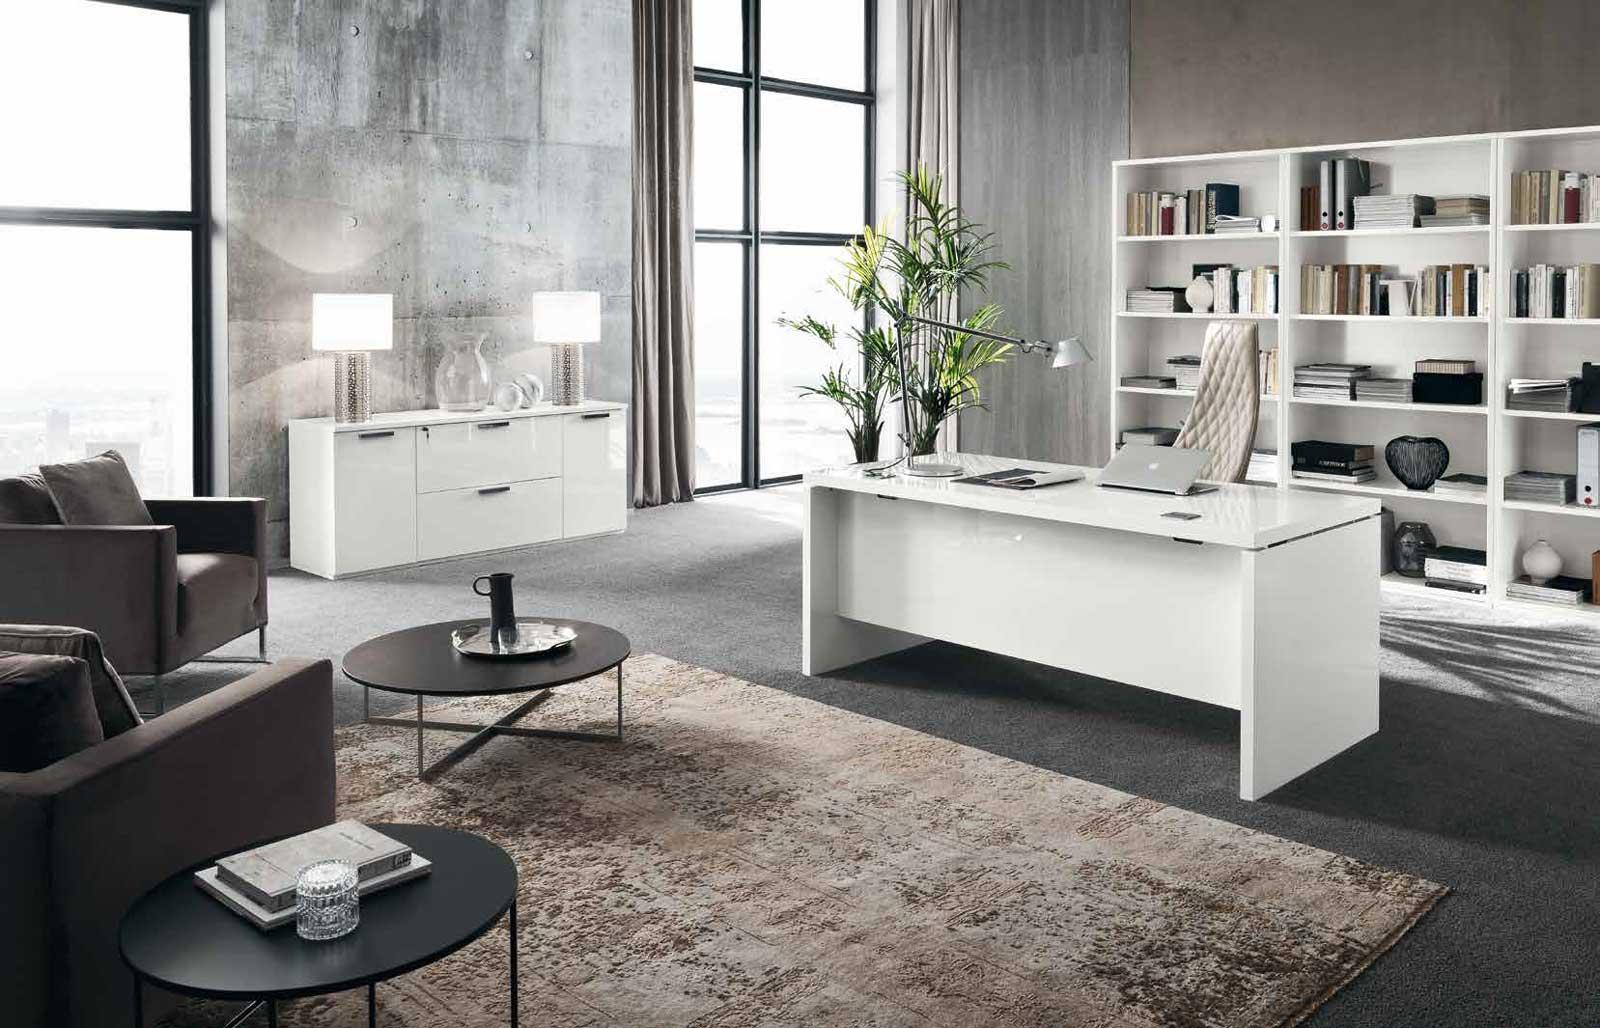 Requisites of an Office Room- Now Met!